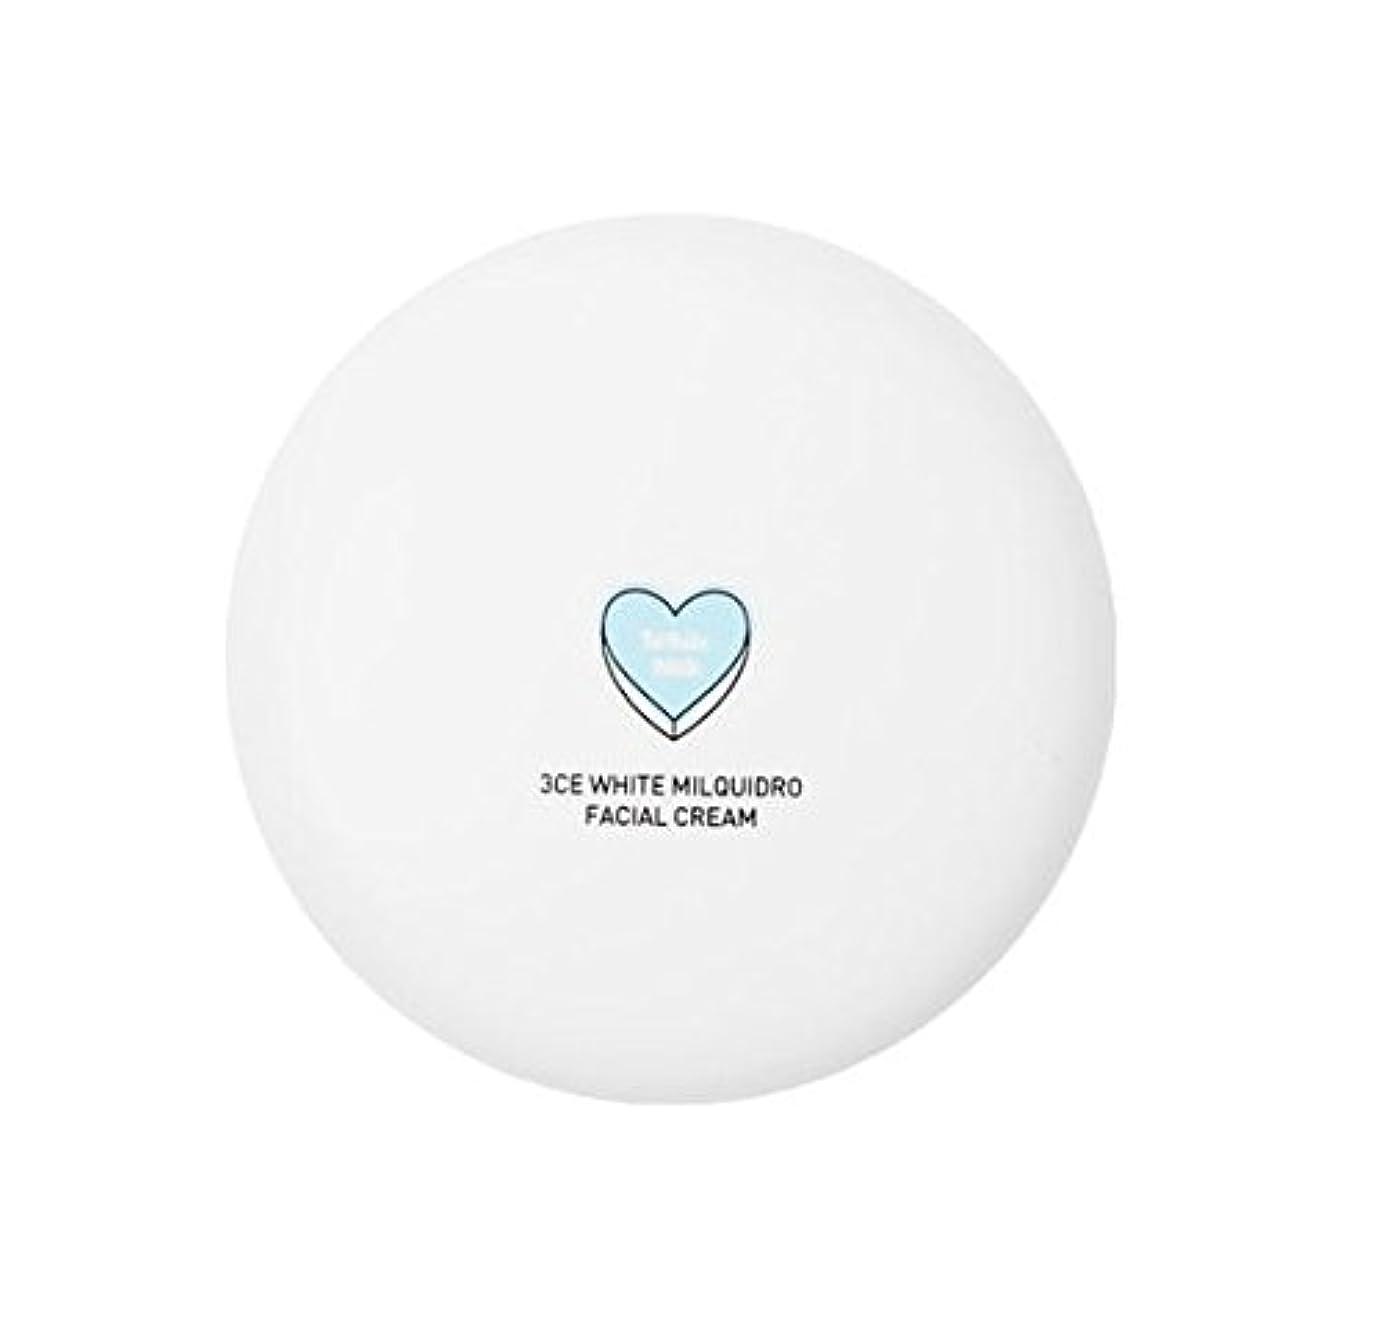 取得する極端なサイトライン3CE WHITE MILQUIDRO FACIAL CREAM 50ml / 3CE ホワイトミルクウィドローフェイシャルクリーム [並行輸入品]